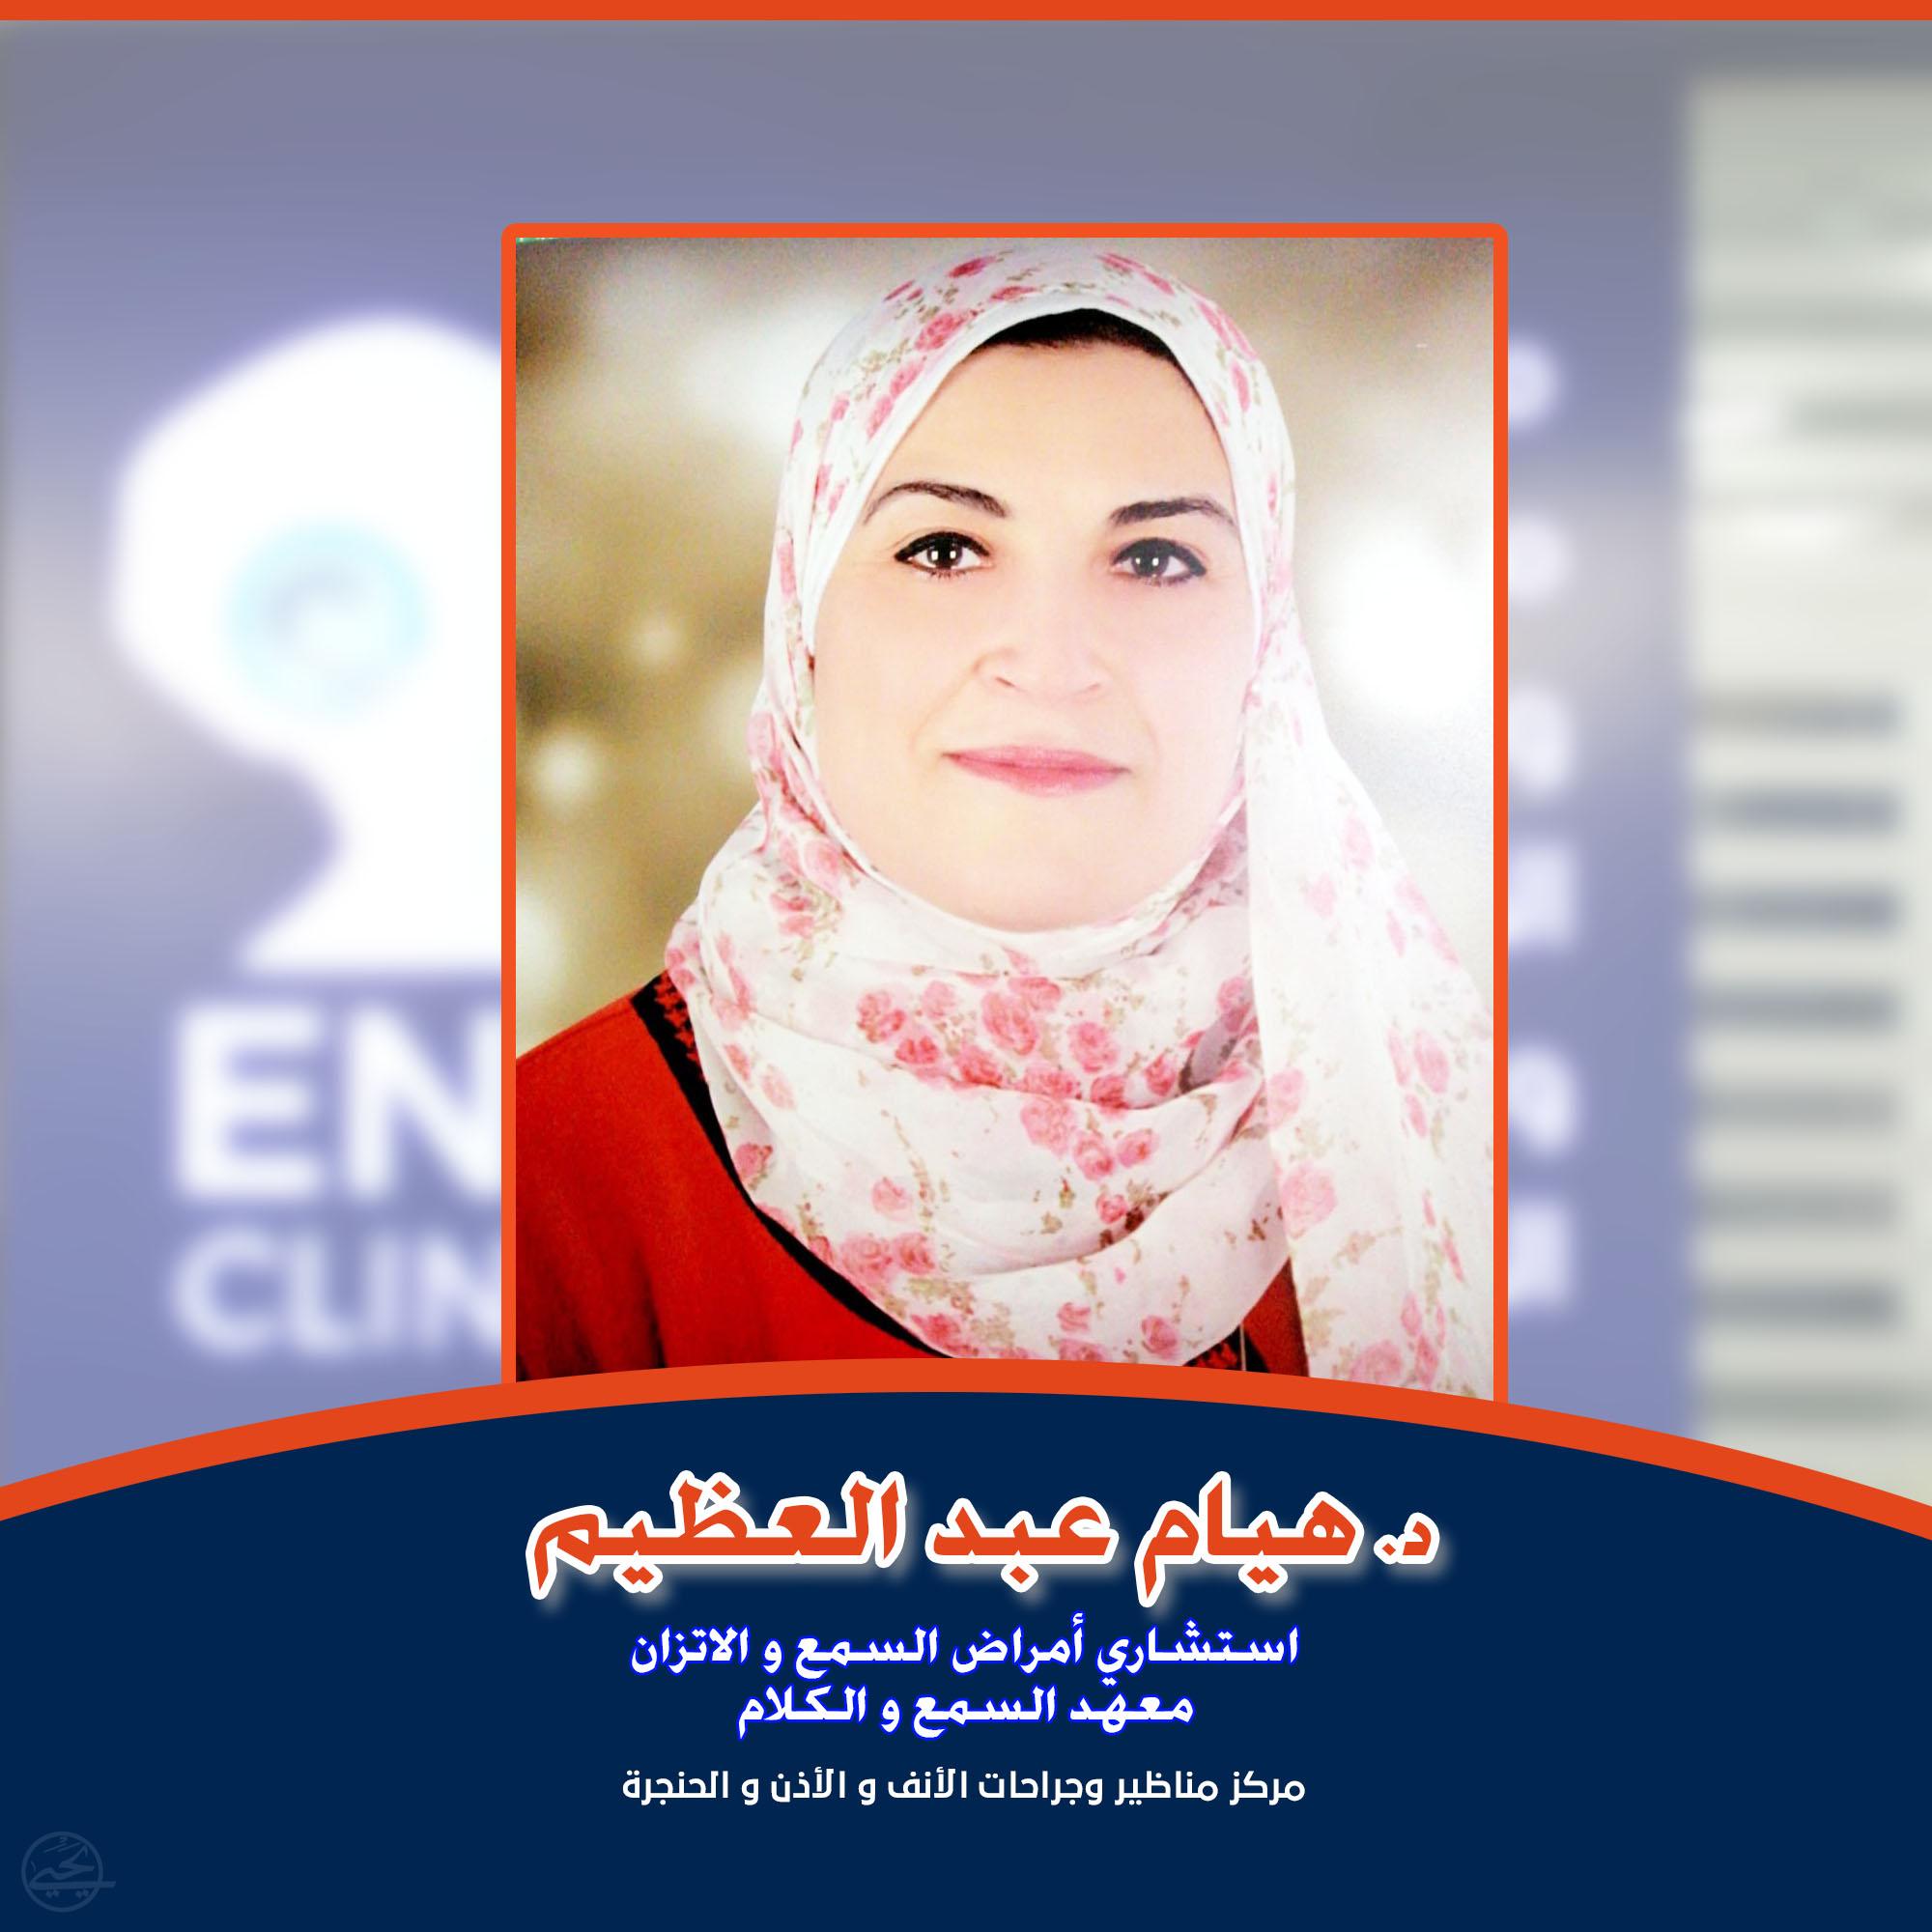 د. هيام عبد العظيم